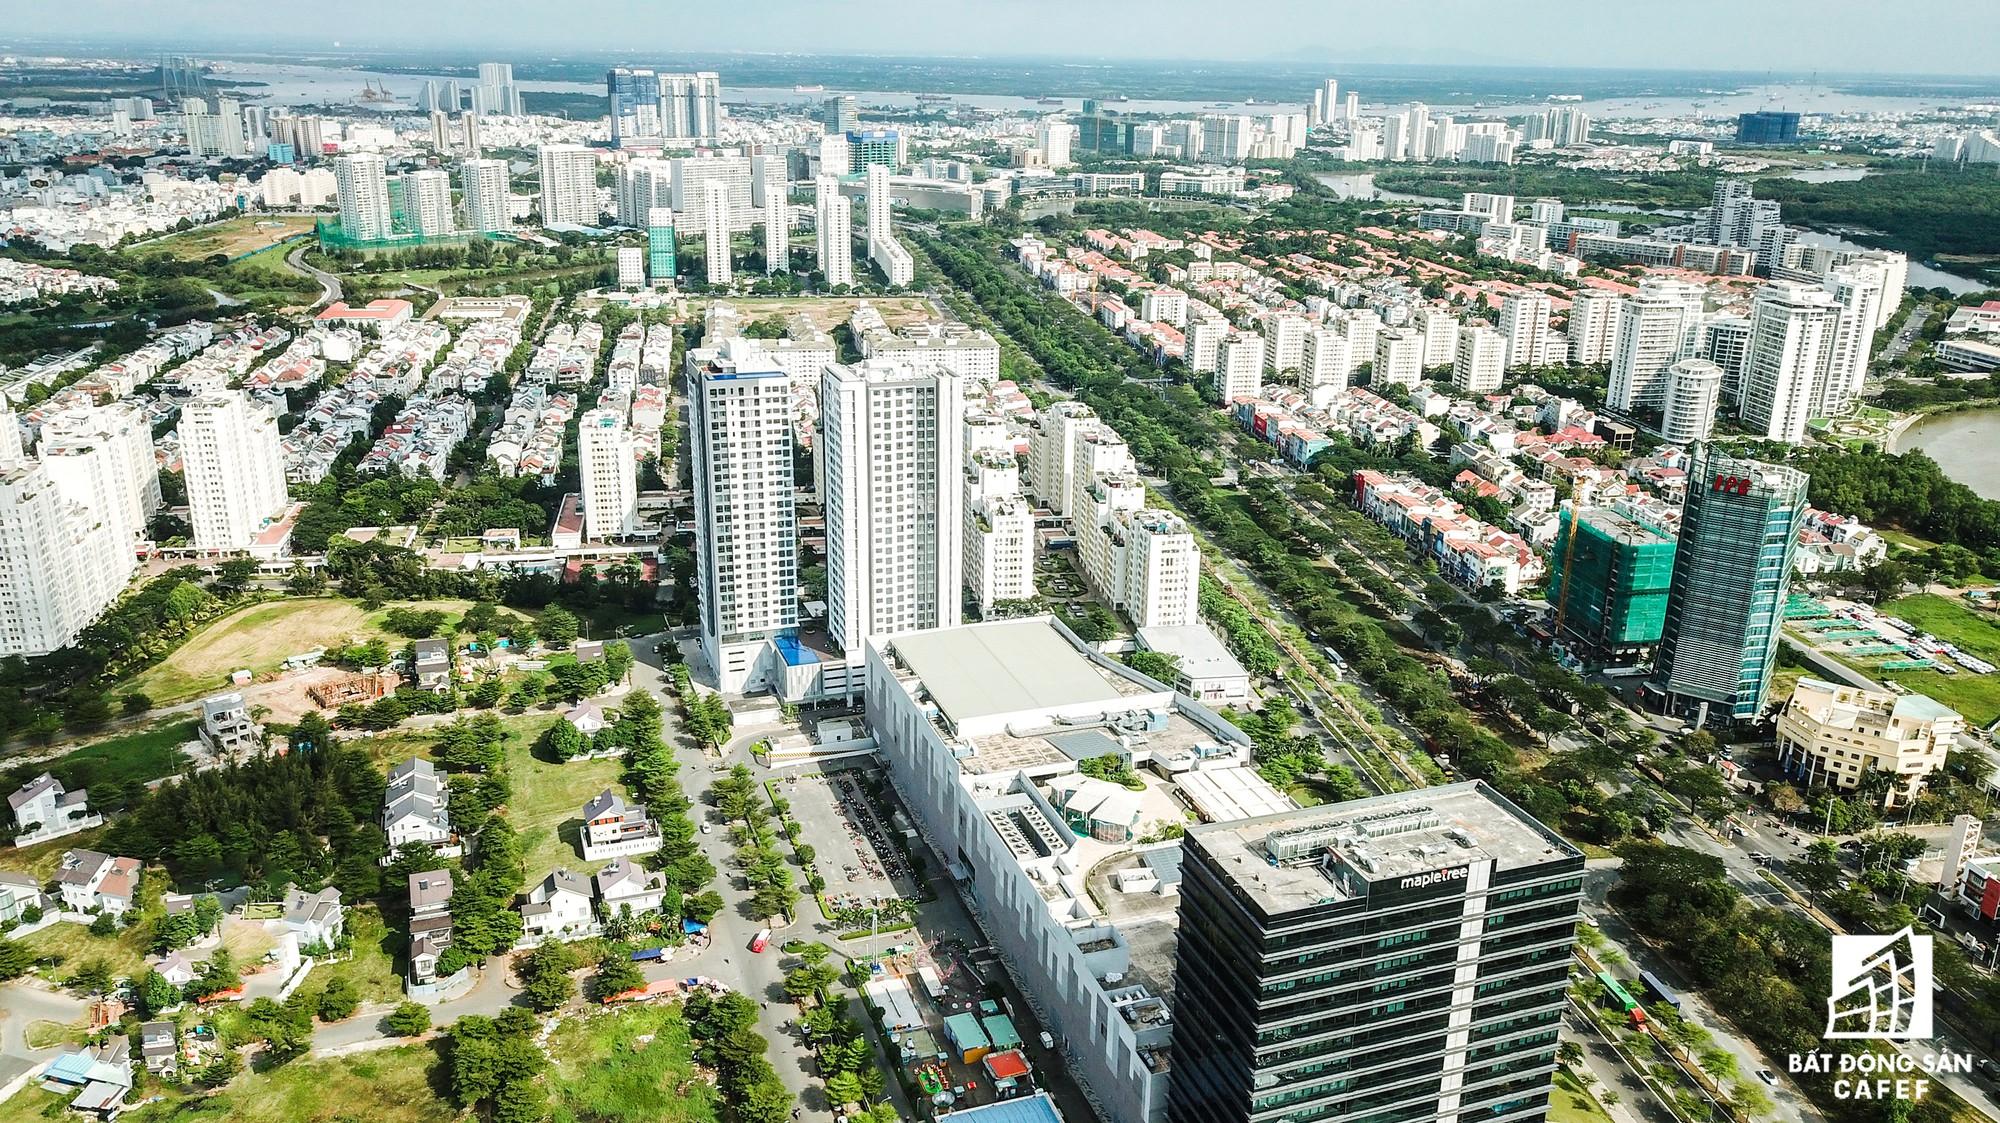 Toàn cảnh đại lộ tỷ đô đã tạo nên một thị trường bất động sản rất riêng cho khu Nam Sài Gòn - Ảnh 7. Toàn cảnh đại lộ tỷ đô đã tạo nên một thị trường bất động sản rất riêng cho khu Nam Sài Gòn Toàn cảnh đại lộ tỷ đô đã tạo nên một thị trường bất động sản rất riêng cho khu Nam Sài Gòn hinh 5 15672195906262094695666